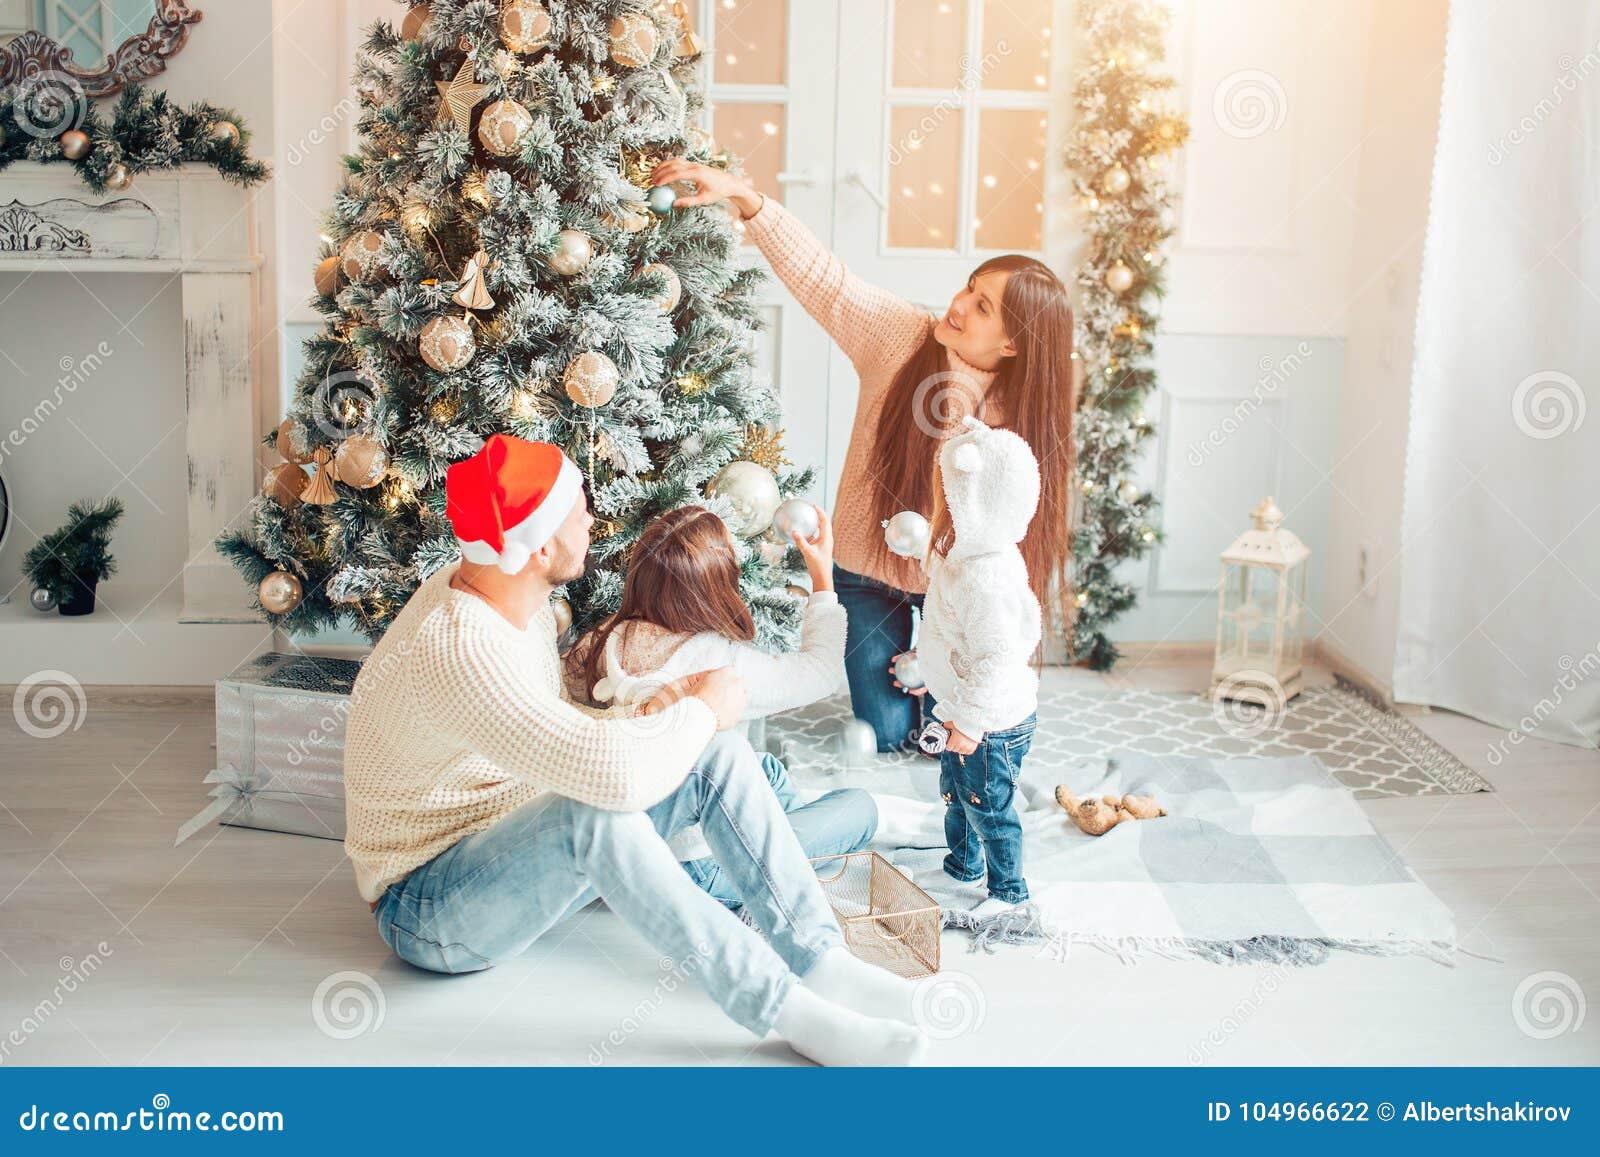 Ευτυχής οικογένεια που διακοσμεί ένα χριστουγεννιάτικο δέντρο με τα boubles στο καθιστικό